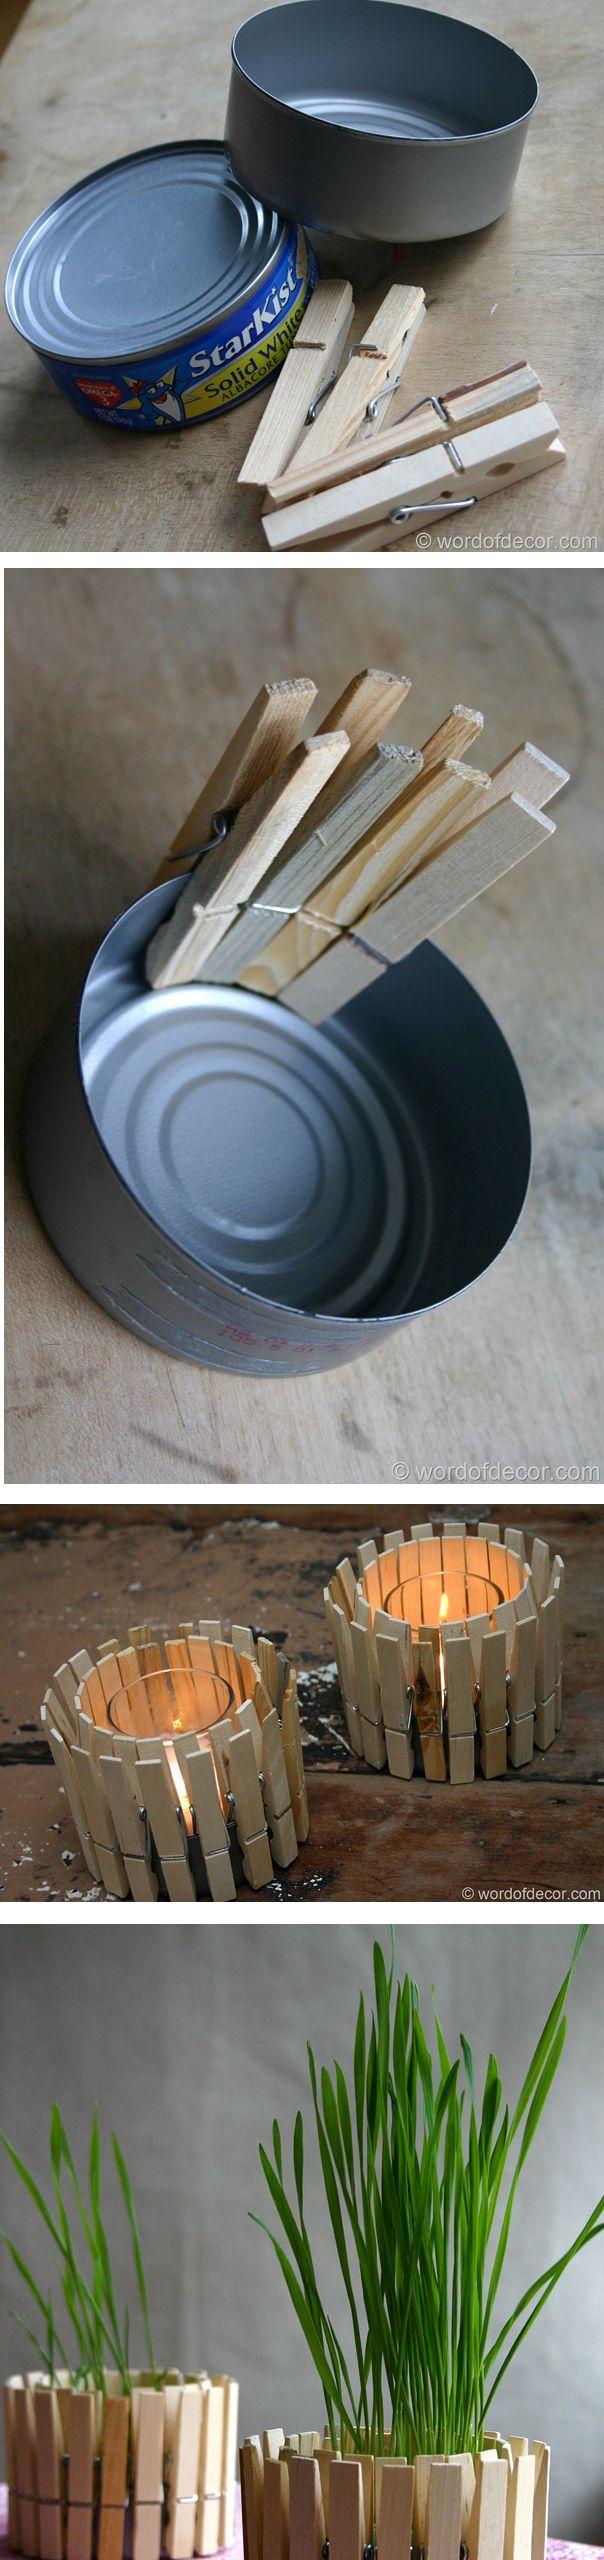 castiçal feito de lata de sardinha e prendedor de roupa.Pode incrementar pintando os prendedores